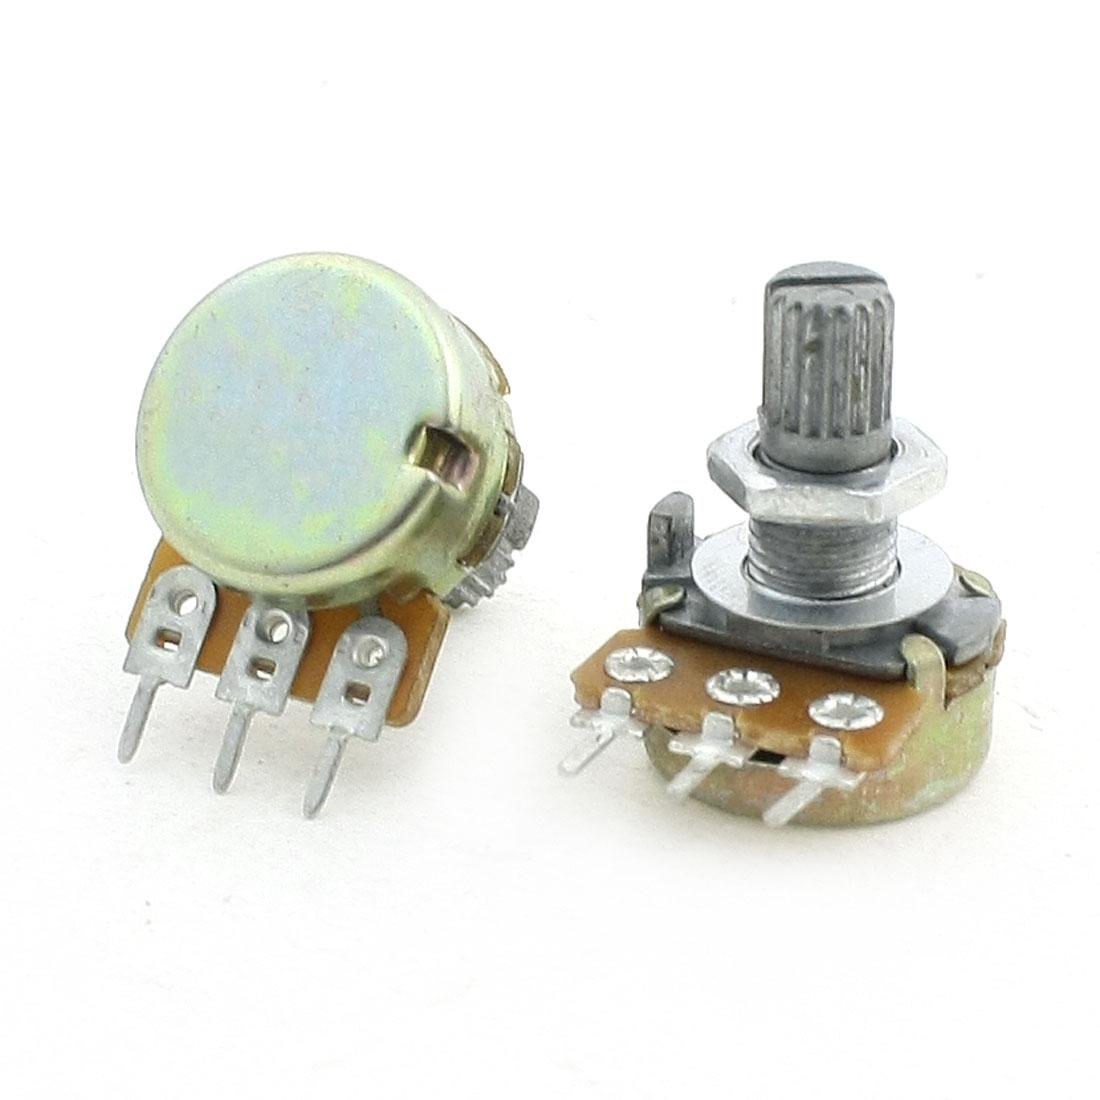 100K Ohm Split Shaft Single Linear Rotary Taper Potentiometers 2Pcs